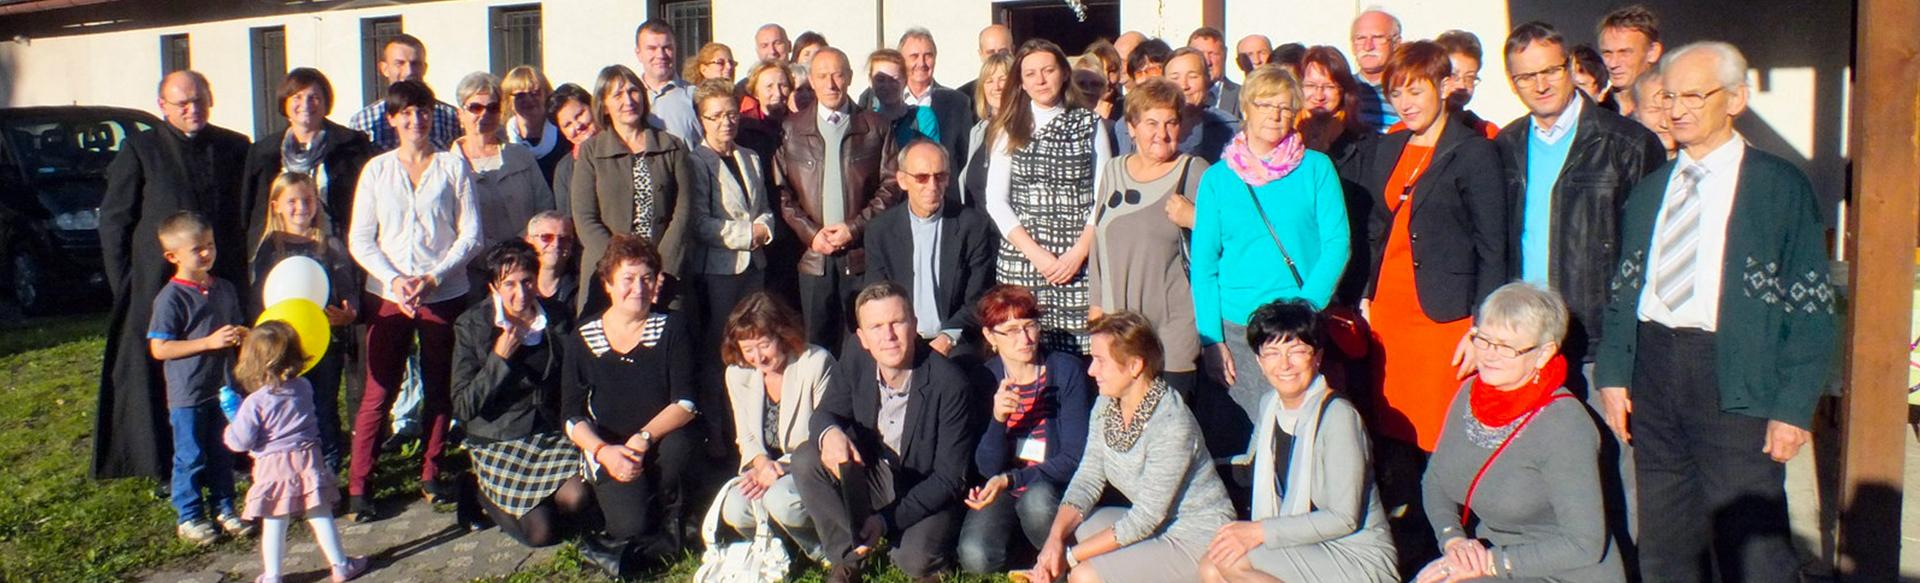 Parafialna Wspólnota Modlitewno - Ewangelizacyjna św. Bogurodzicy w Skoczowie